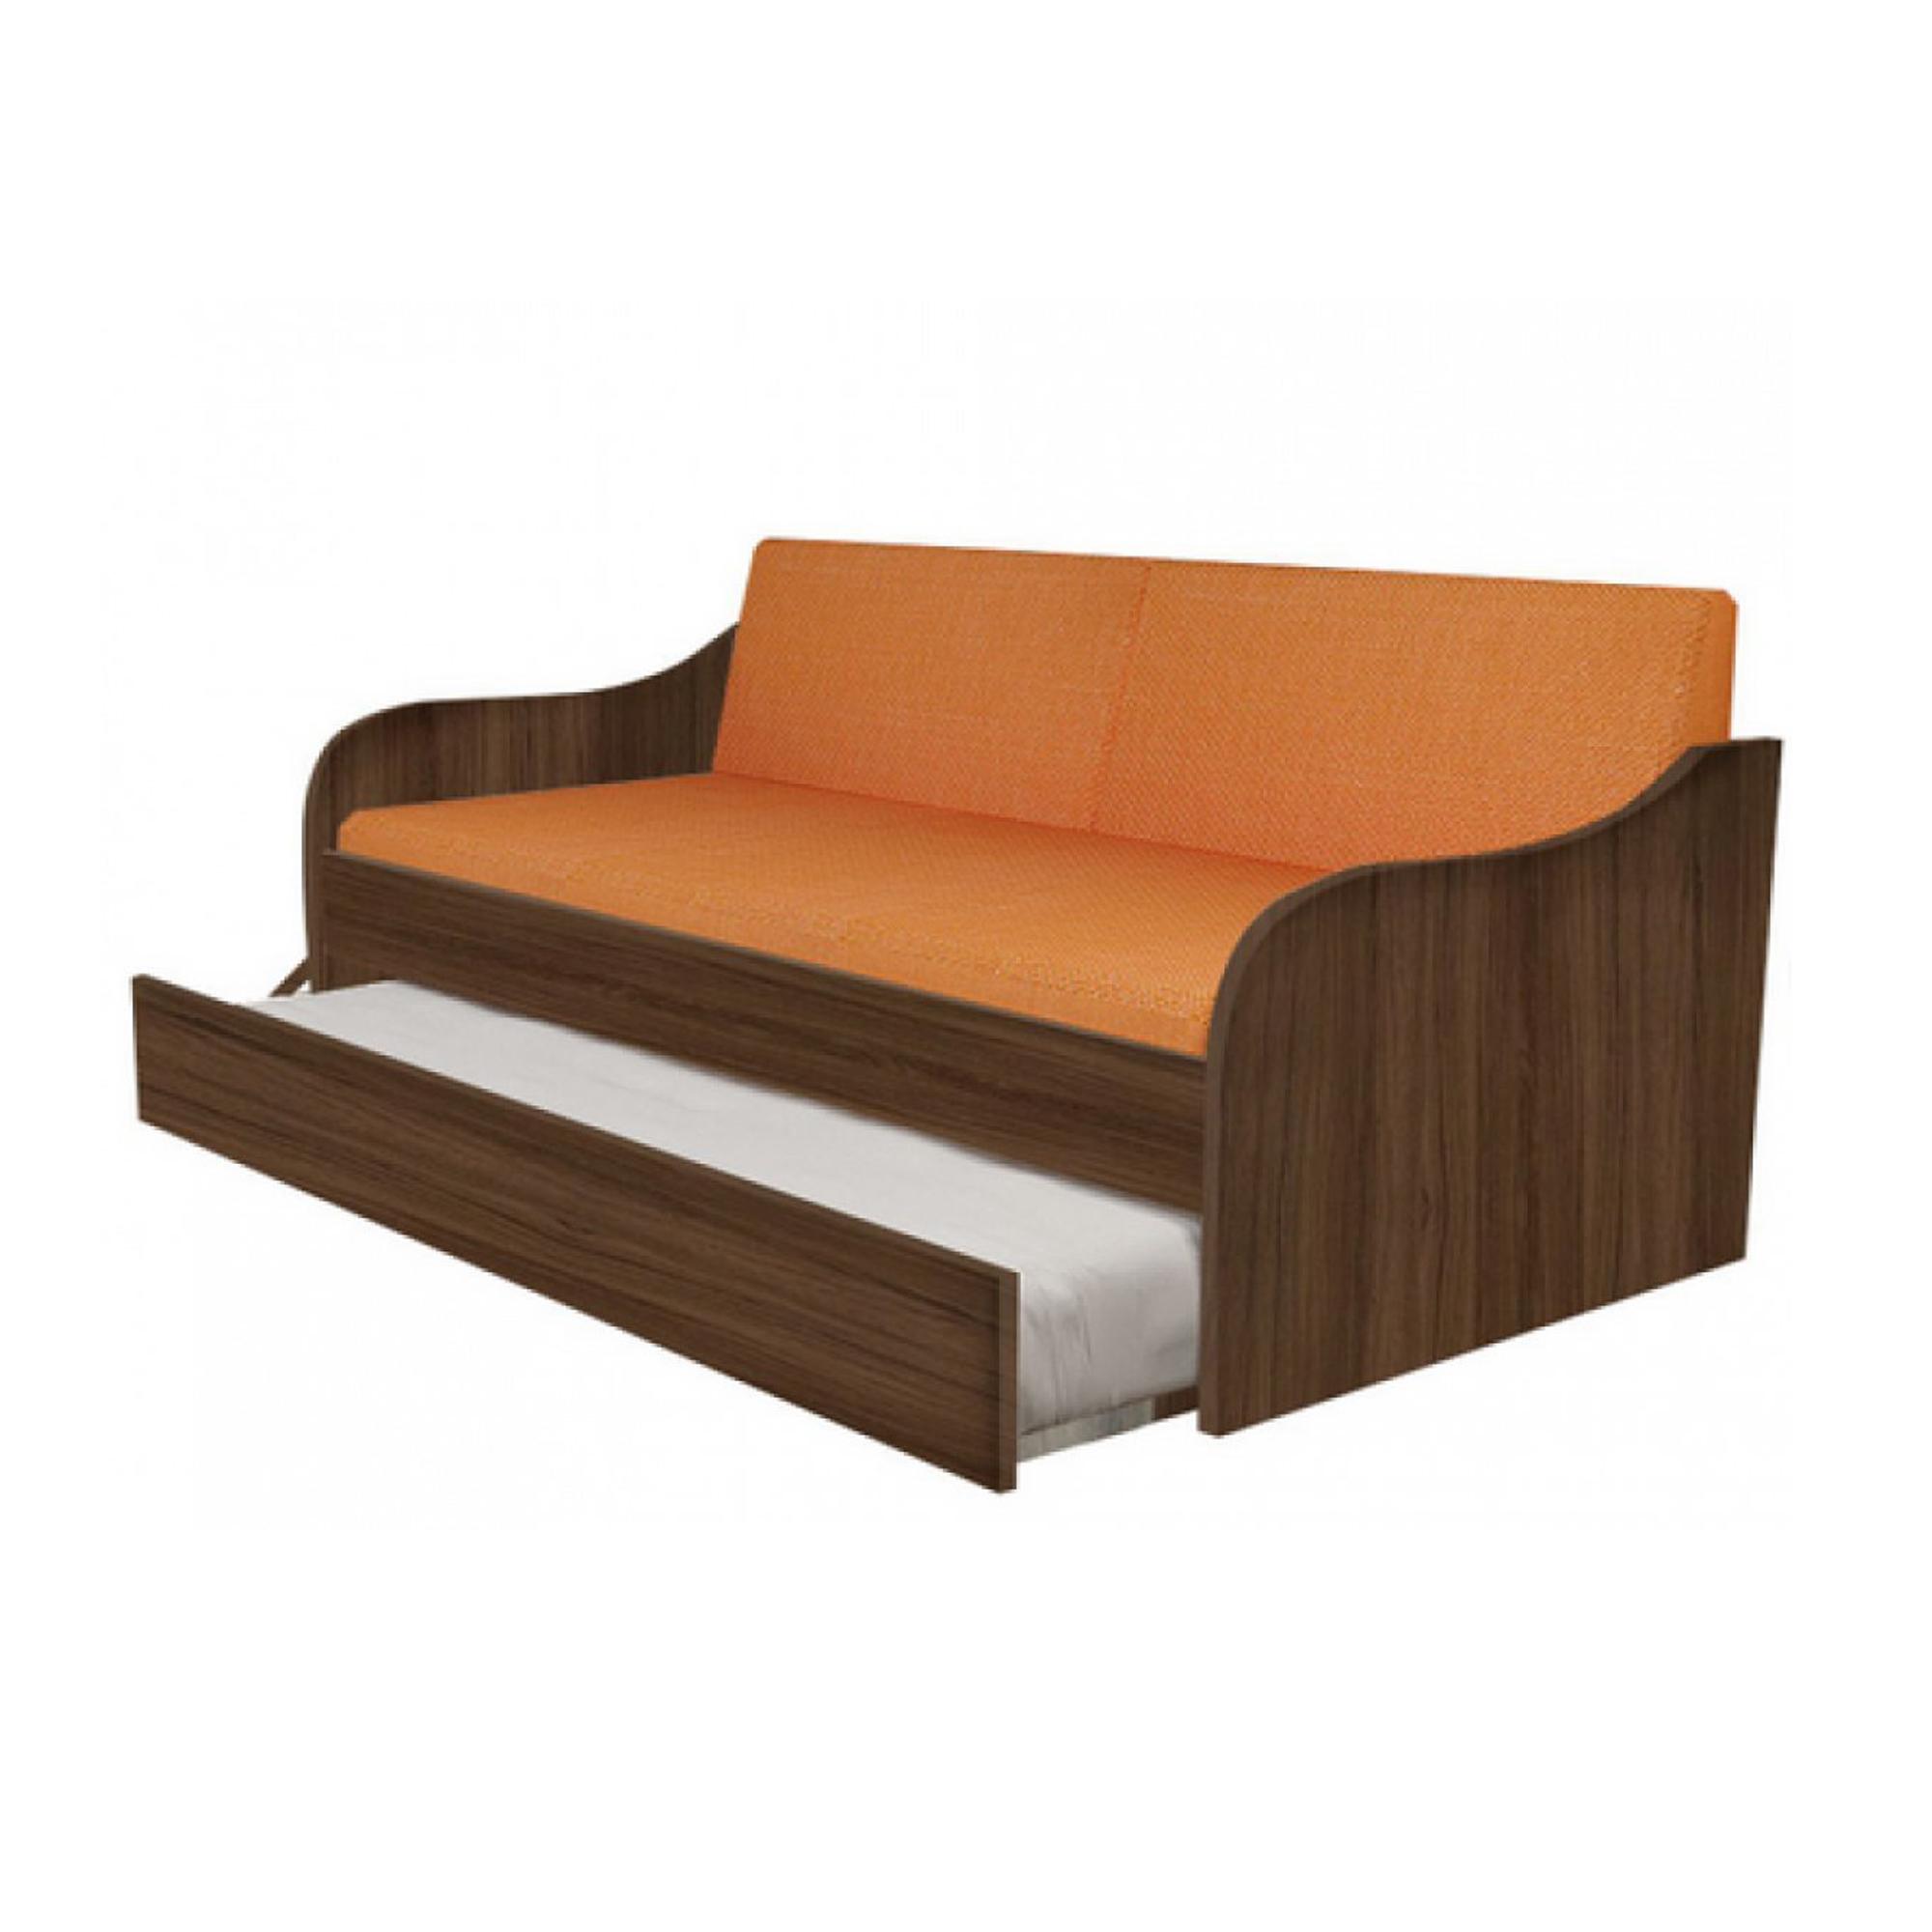 """Κρεβάτι-καναπές """"SILKY"""" με συρόμενο κρεβάτι σε χρώμα καρυδί 80x190"""